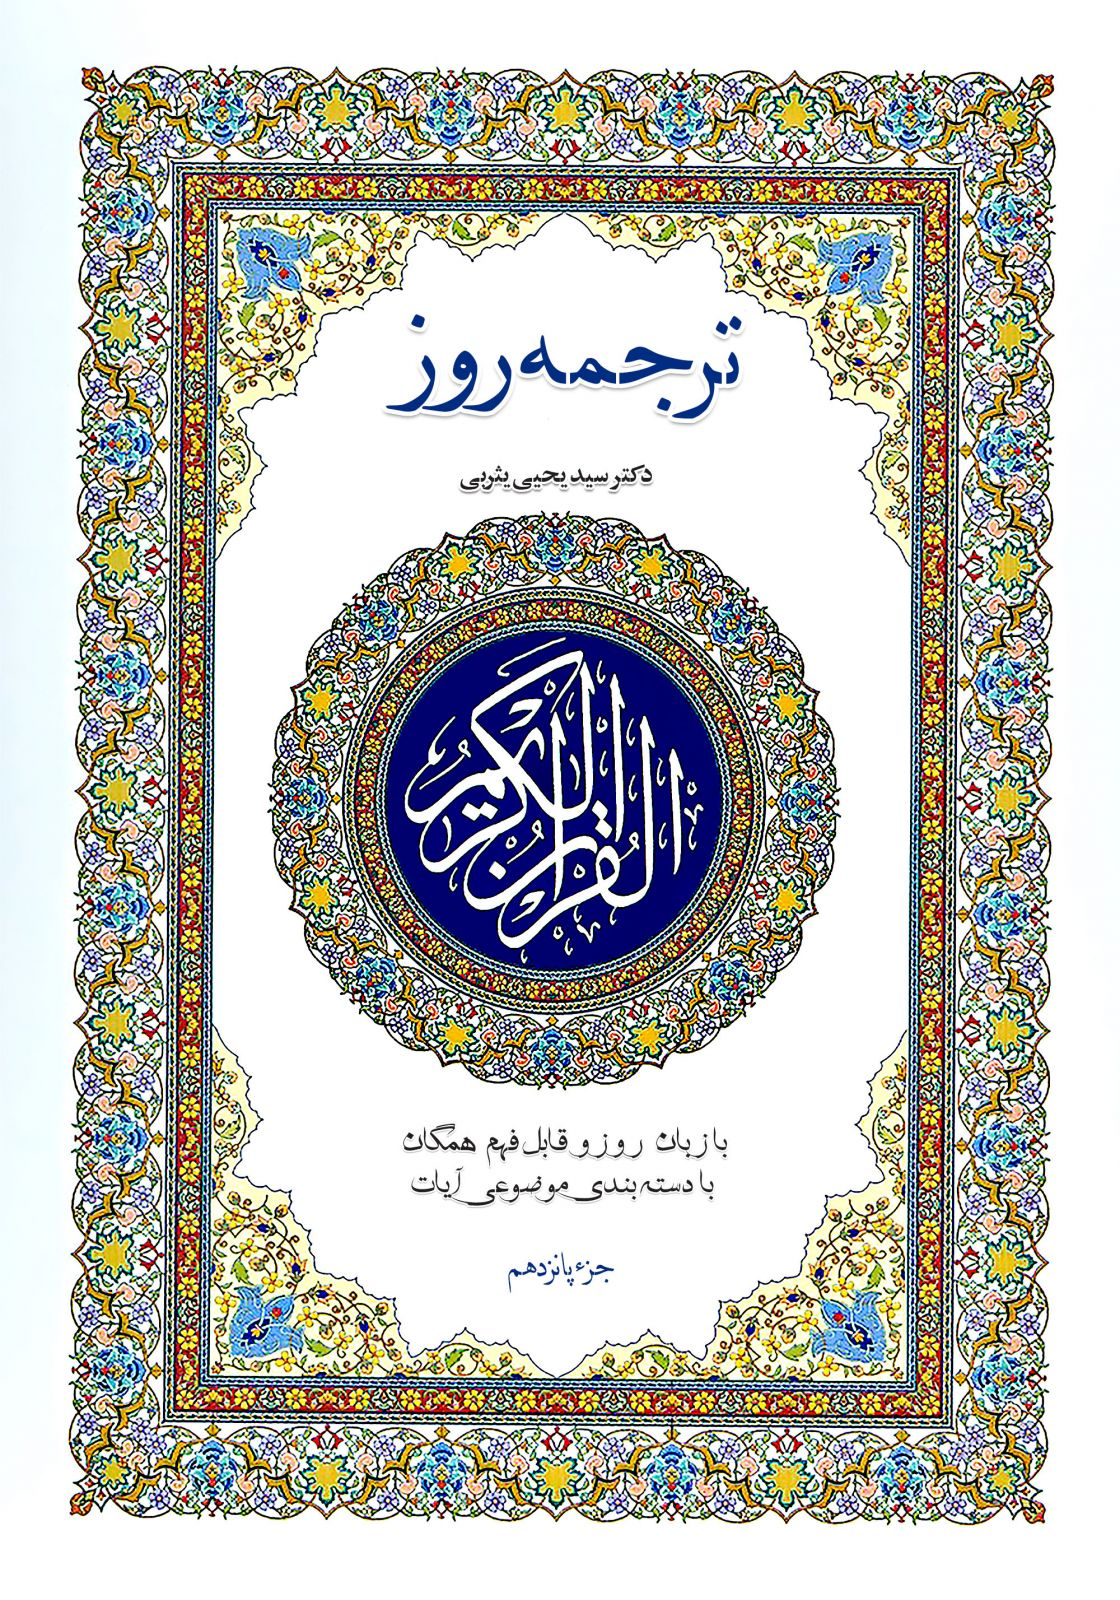 قرآن کریم (جزء پانزدهم)